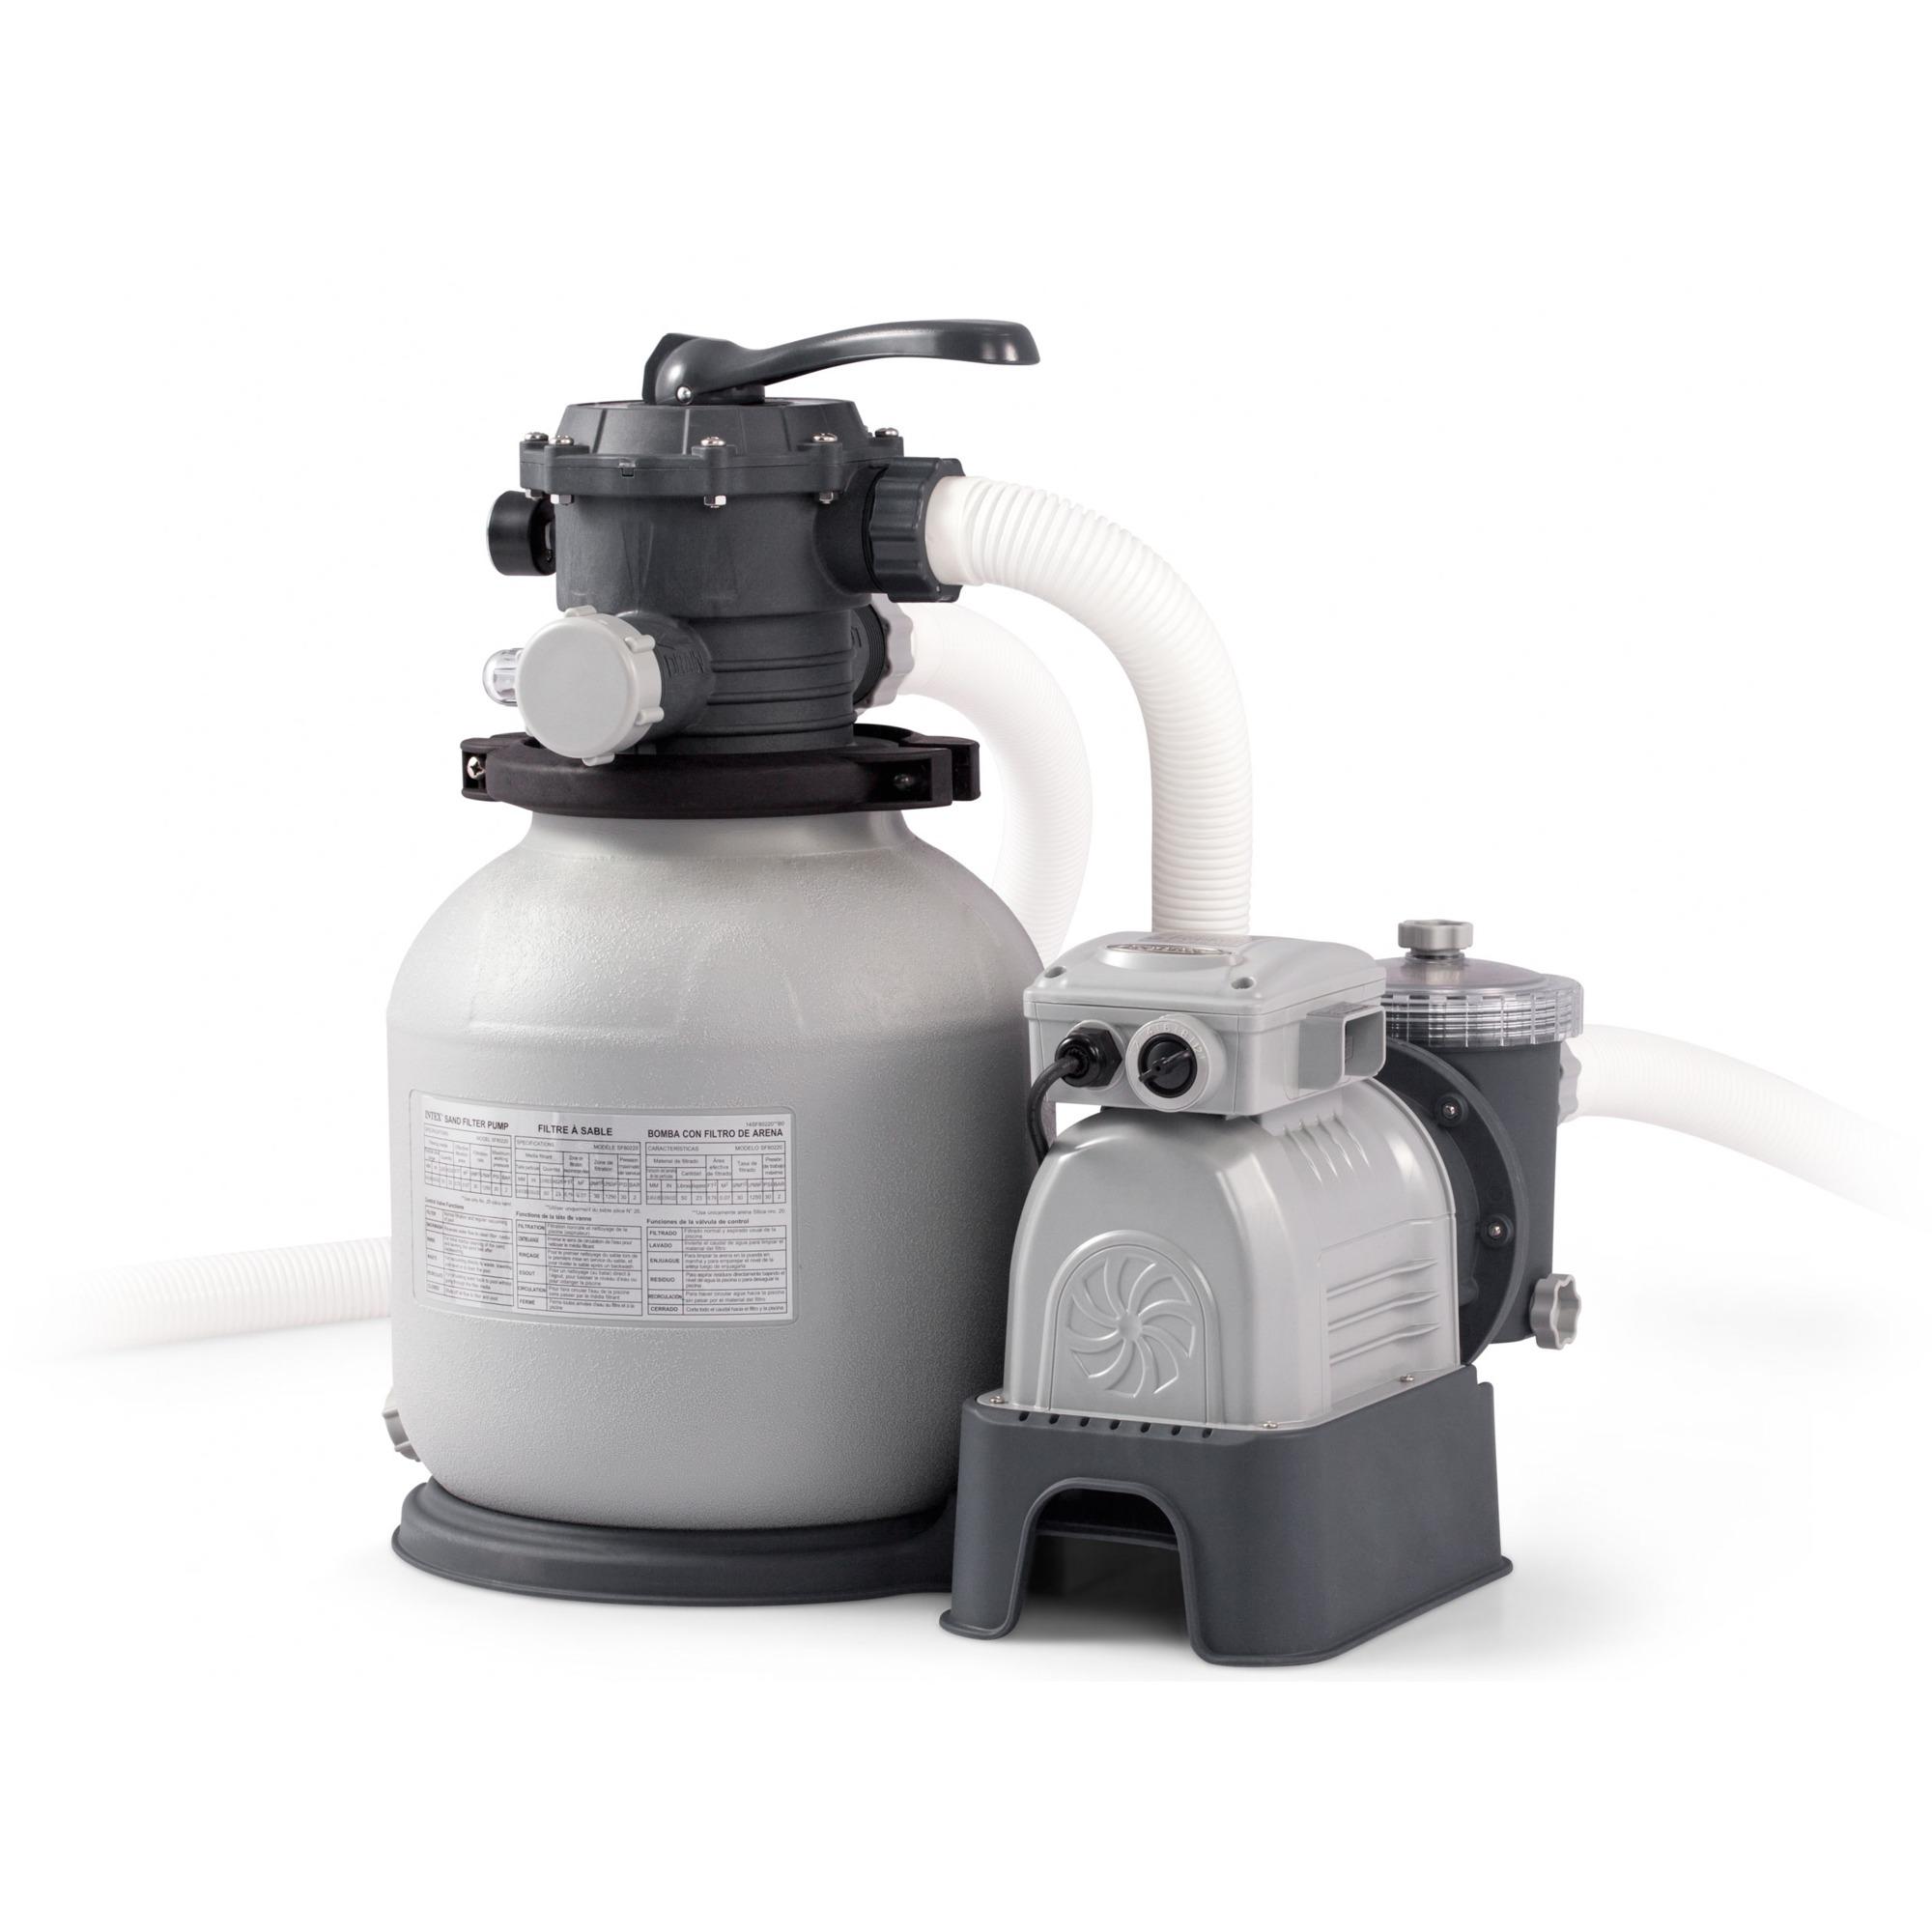 Smart Intex 28652 Sandfilterpumpe tilbehør til pool, Vandfilter grå NS92